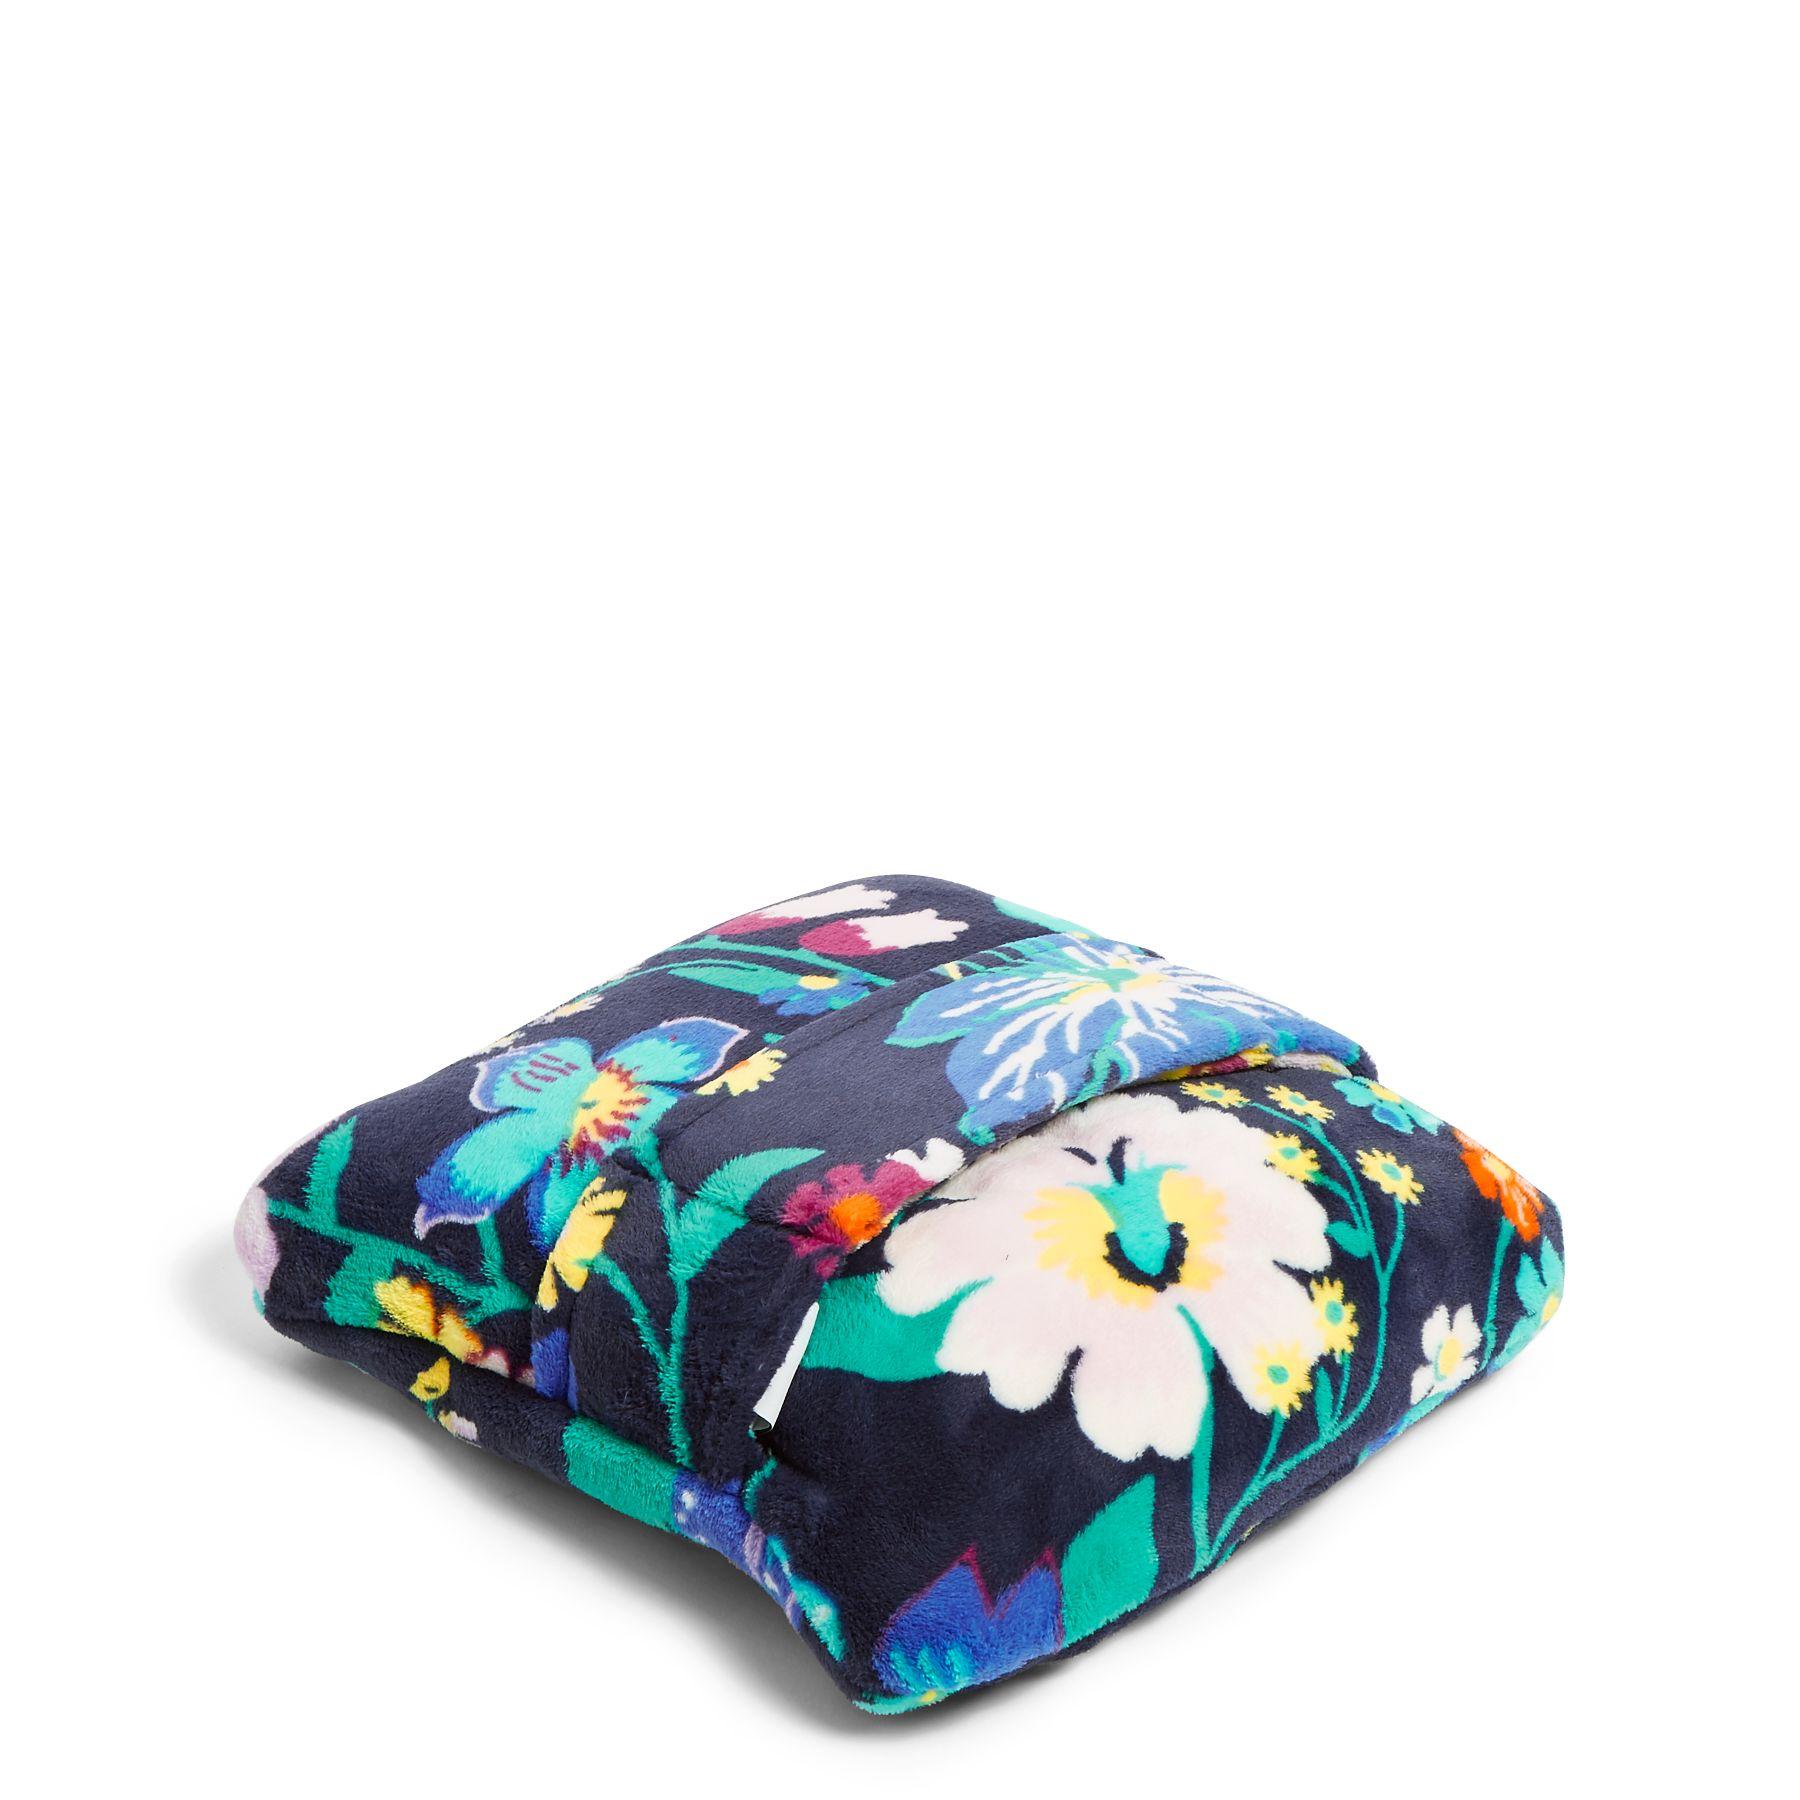 plush fleece travel blanket